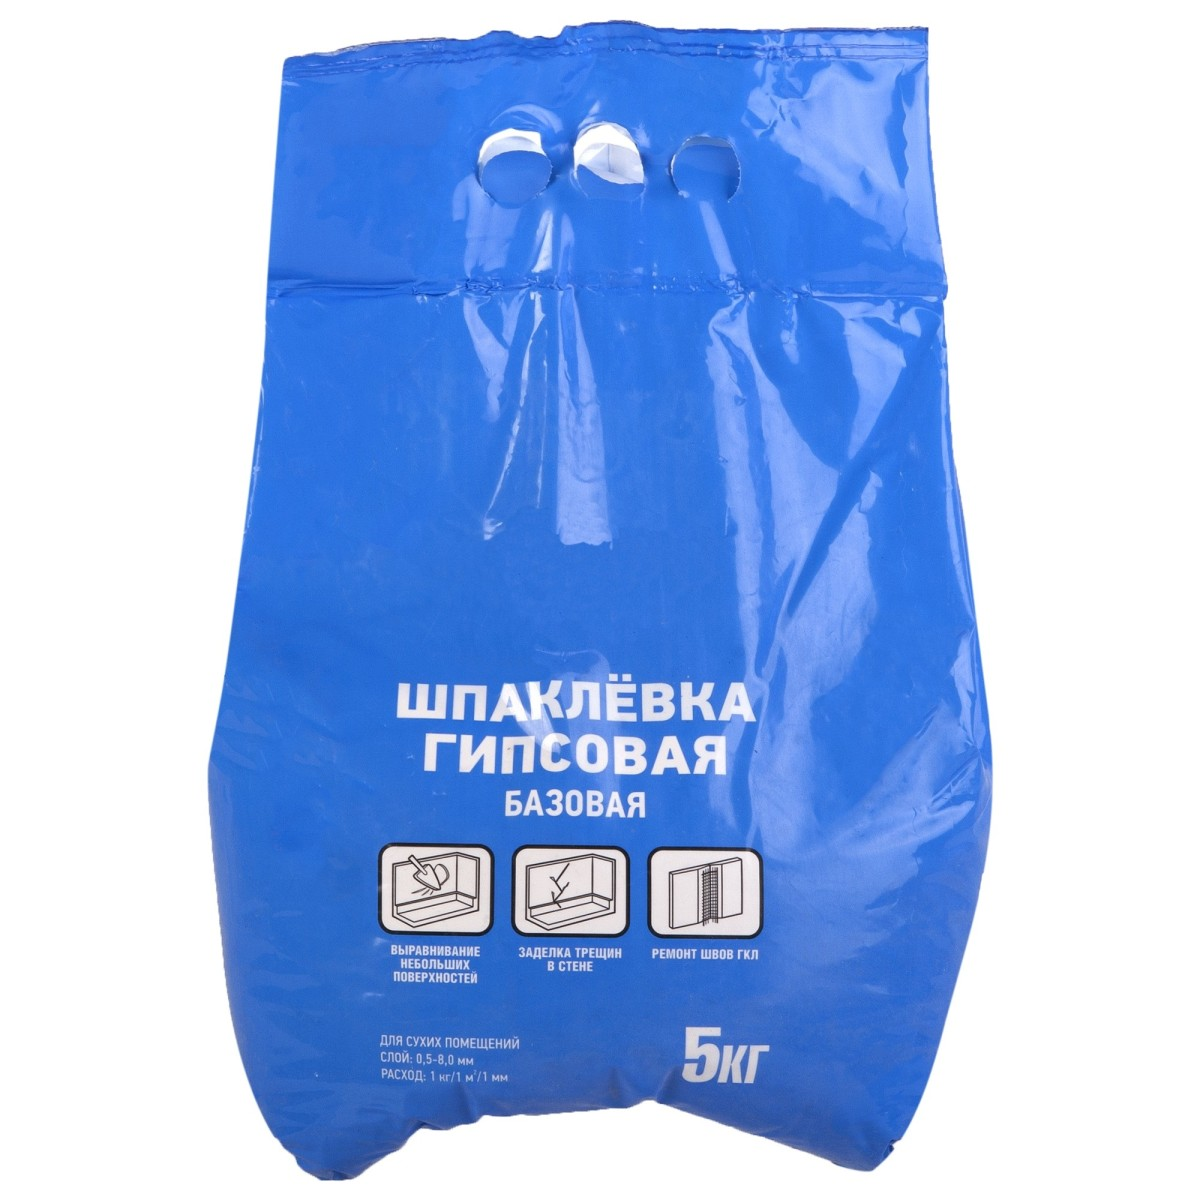 Шпаклевка гипсовая базовая 5 кг